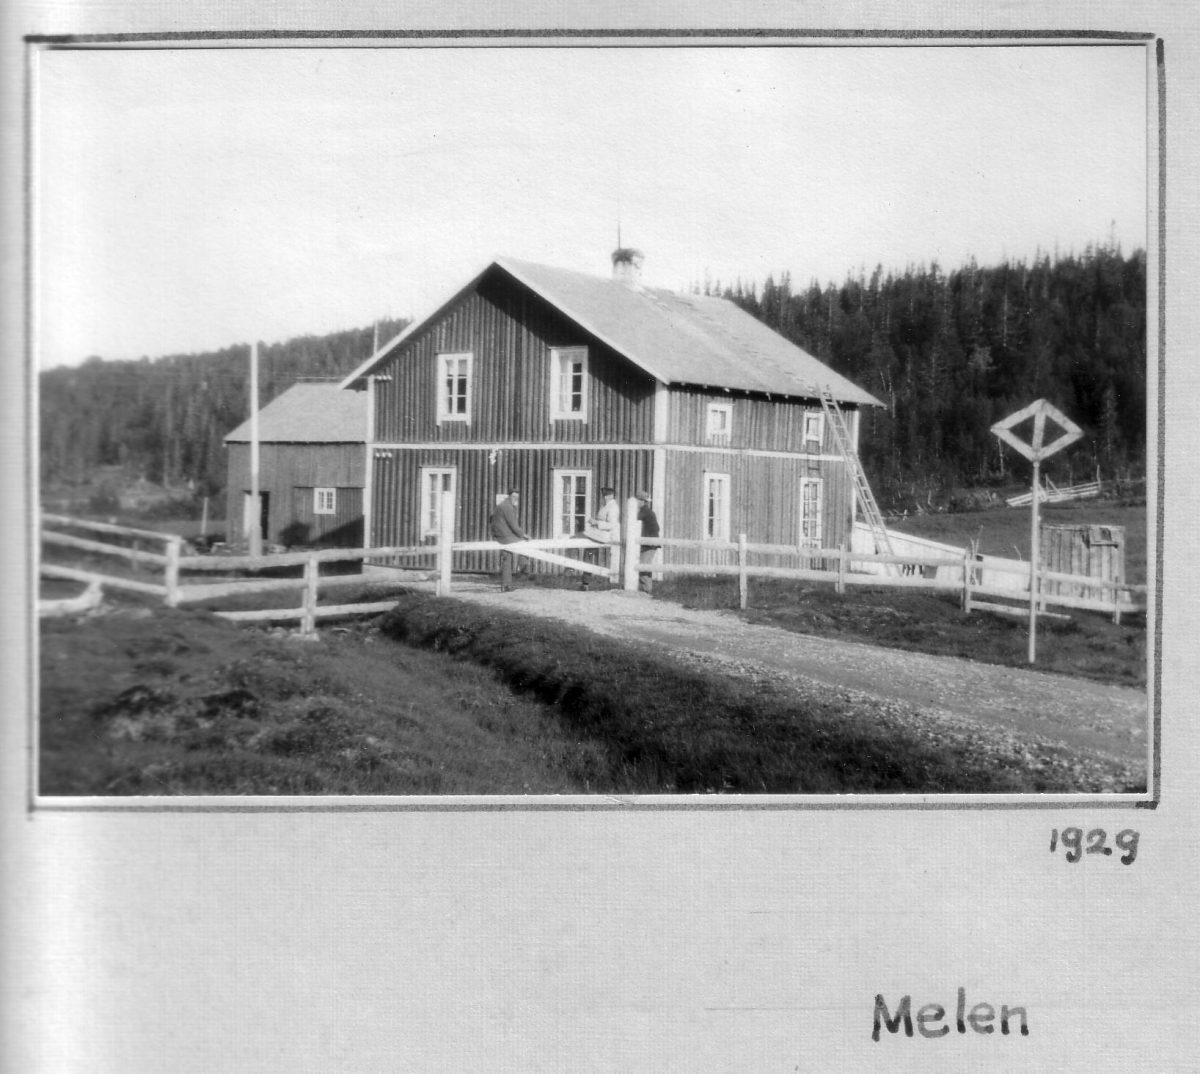 S.66 Melen 1929 Bild 1